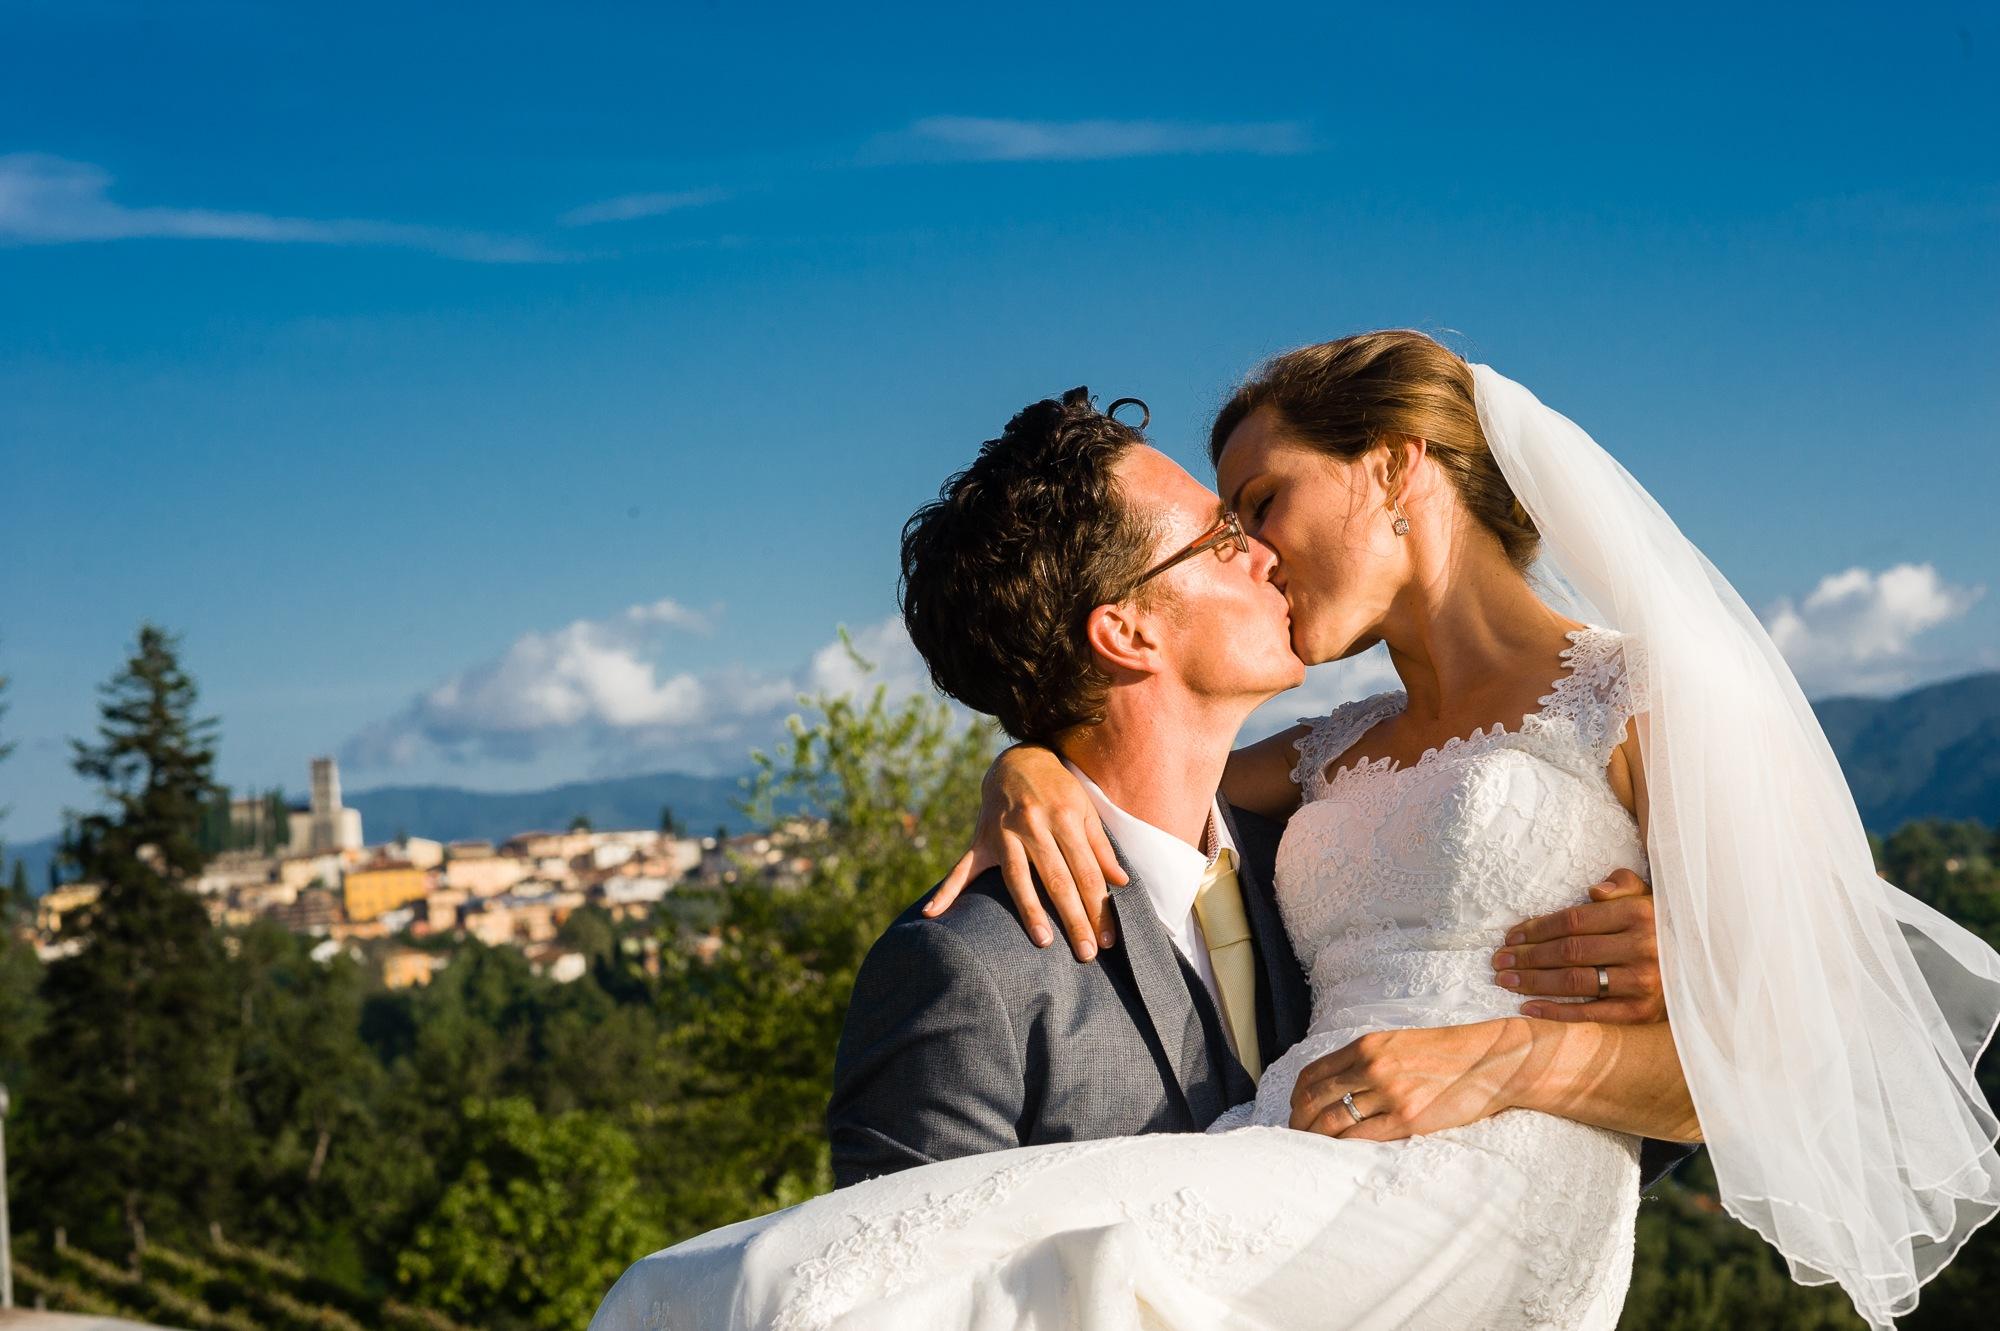 Bespoke Italian weddings